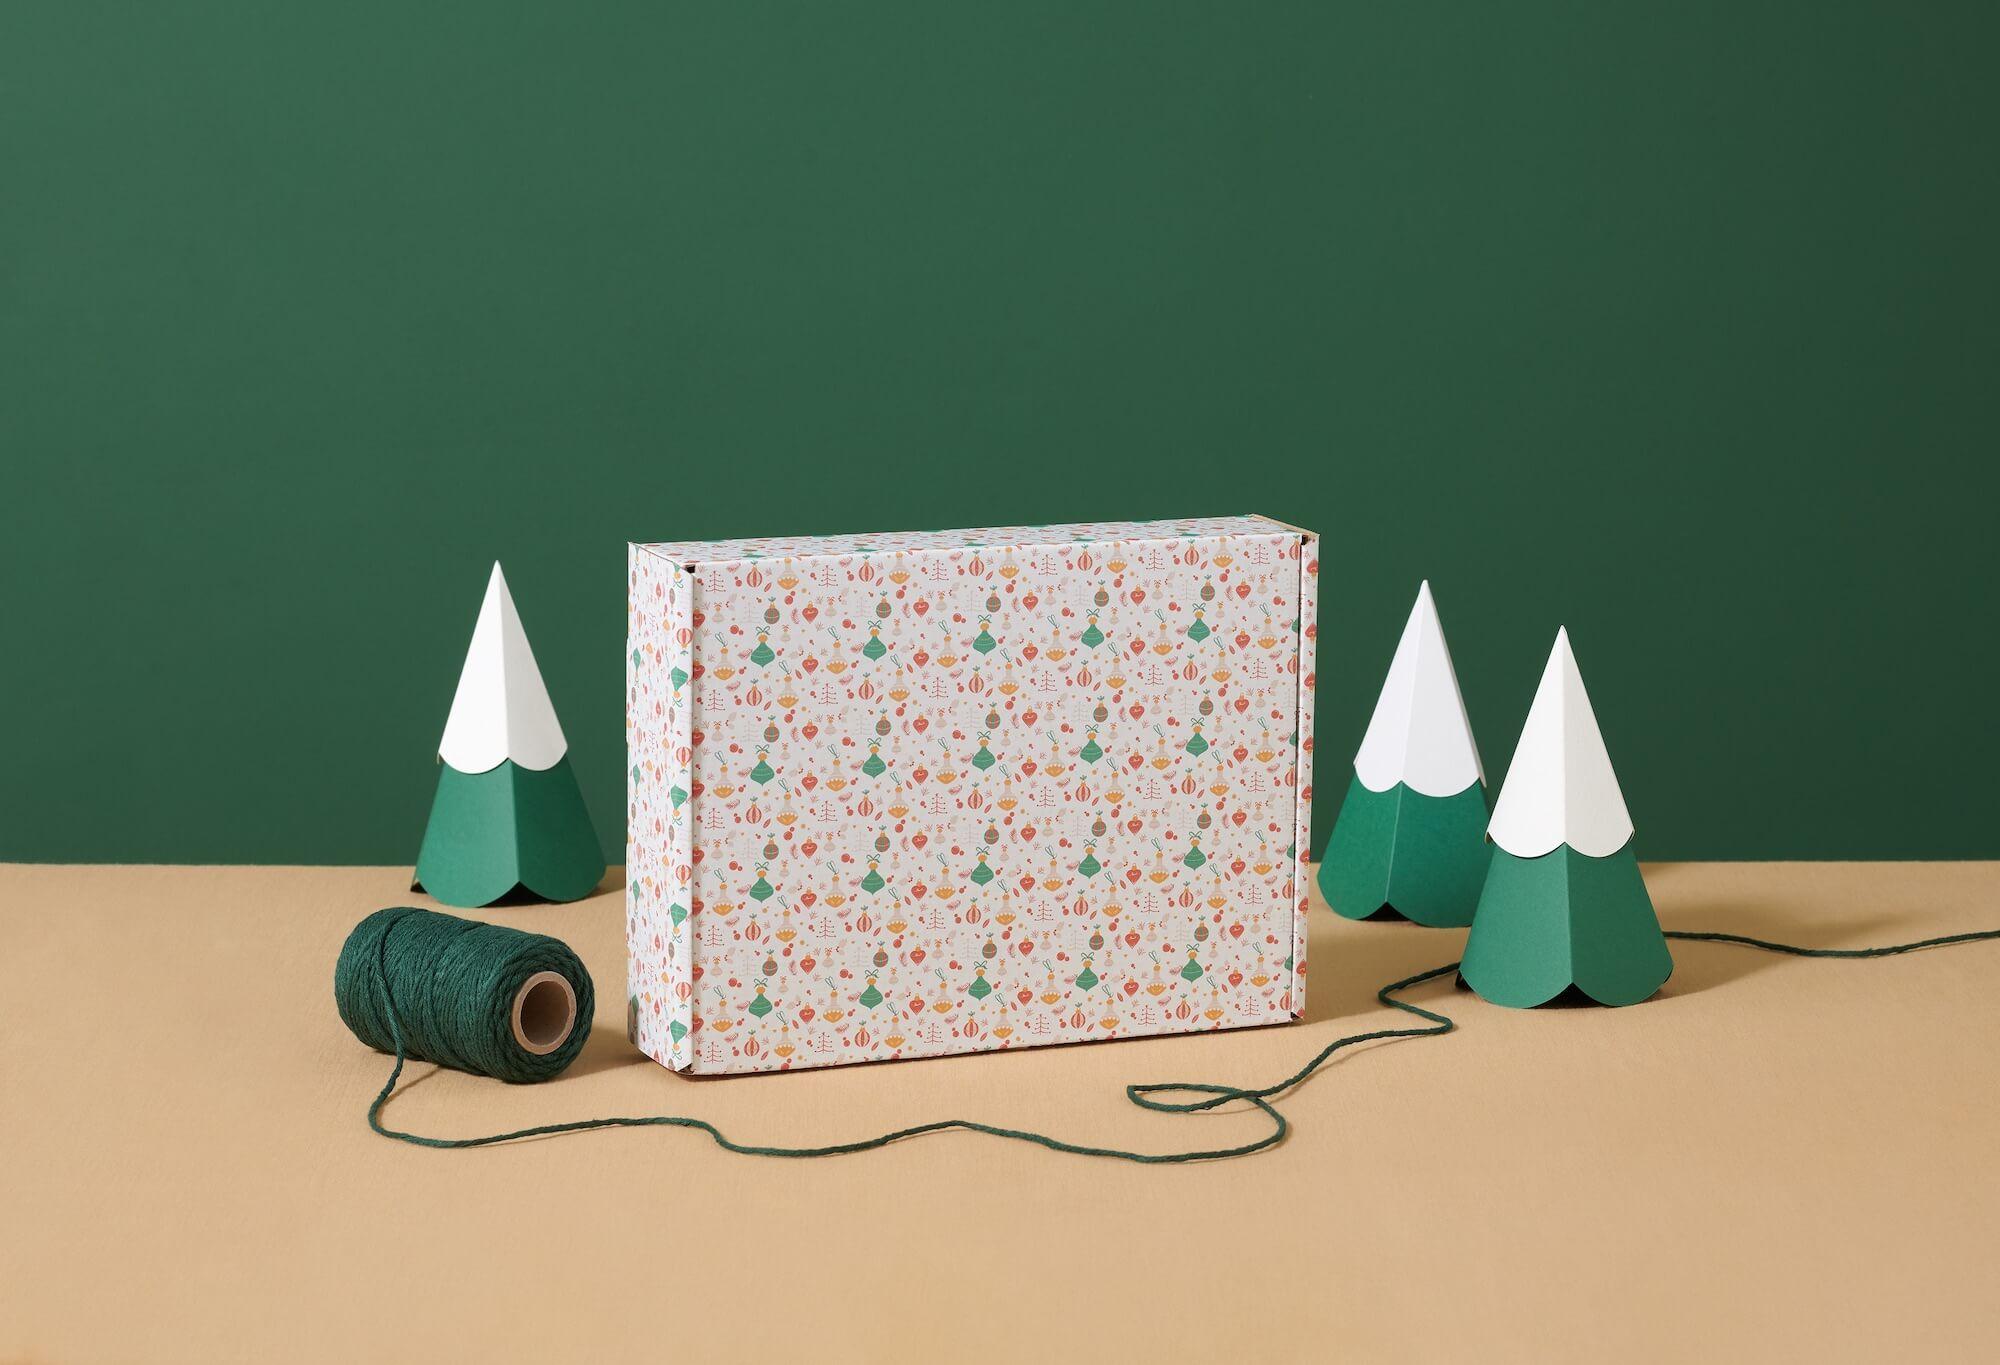 Boîte cadeau et miniatures de sapins de Noël